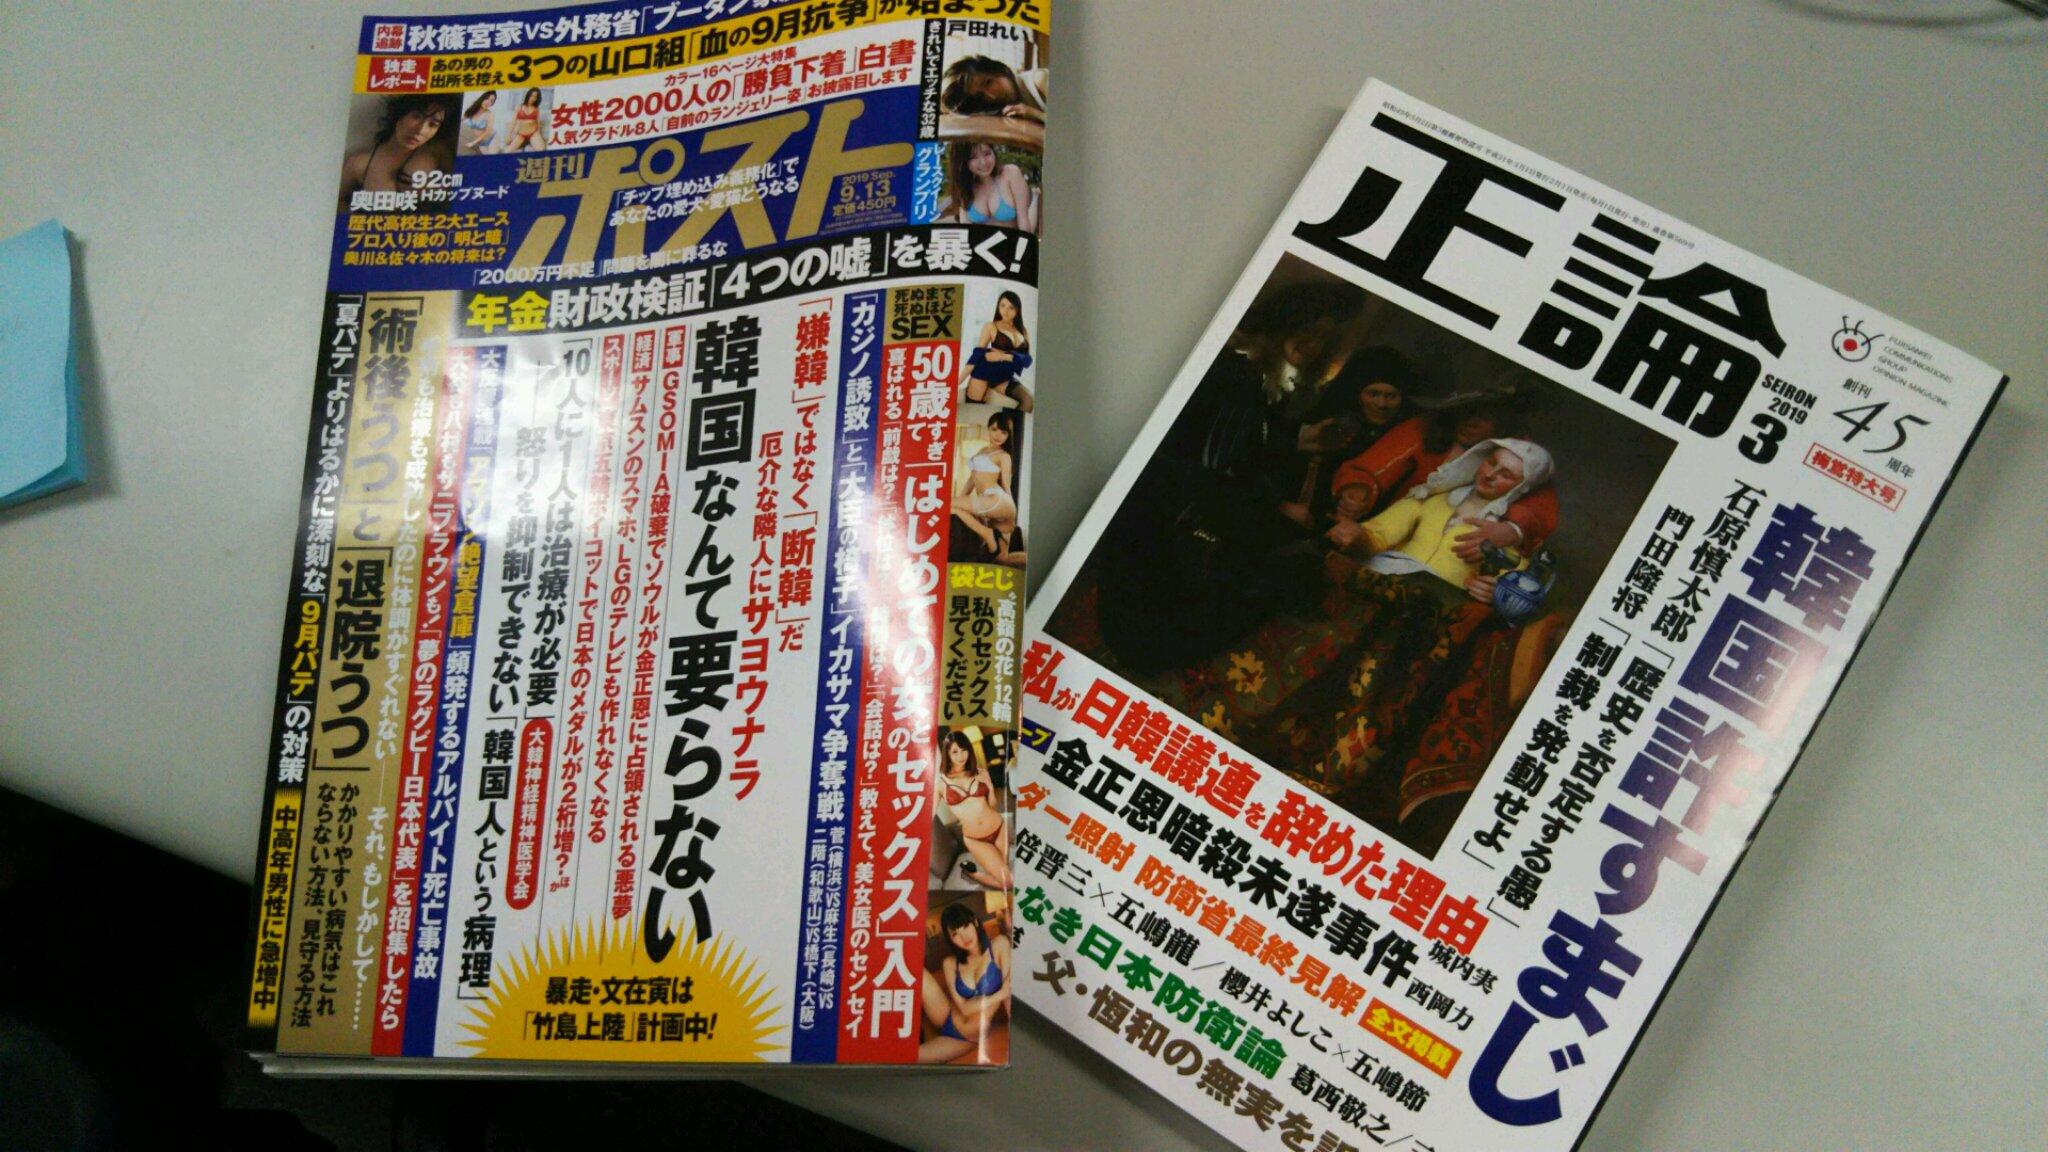 要らないDSC_0117 正論。週刊ポスト。韓国許すまじ 韓国なんか